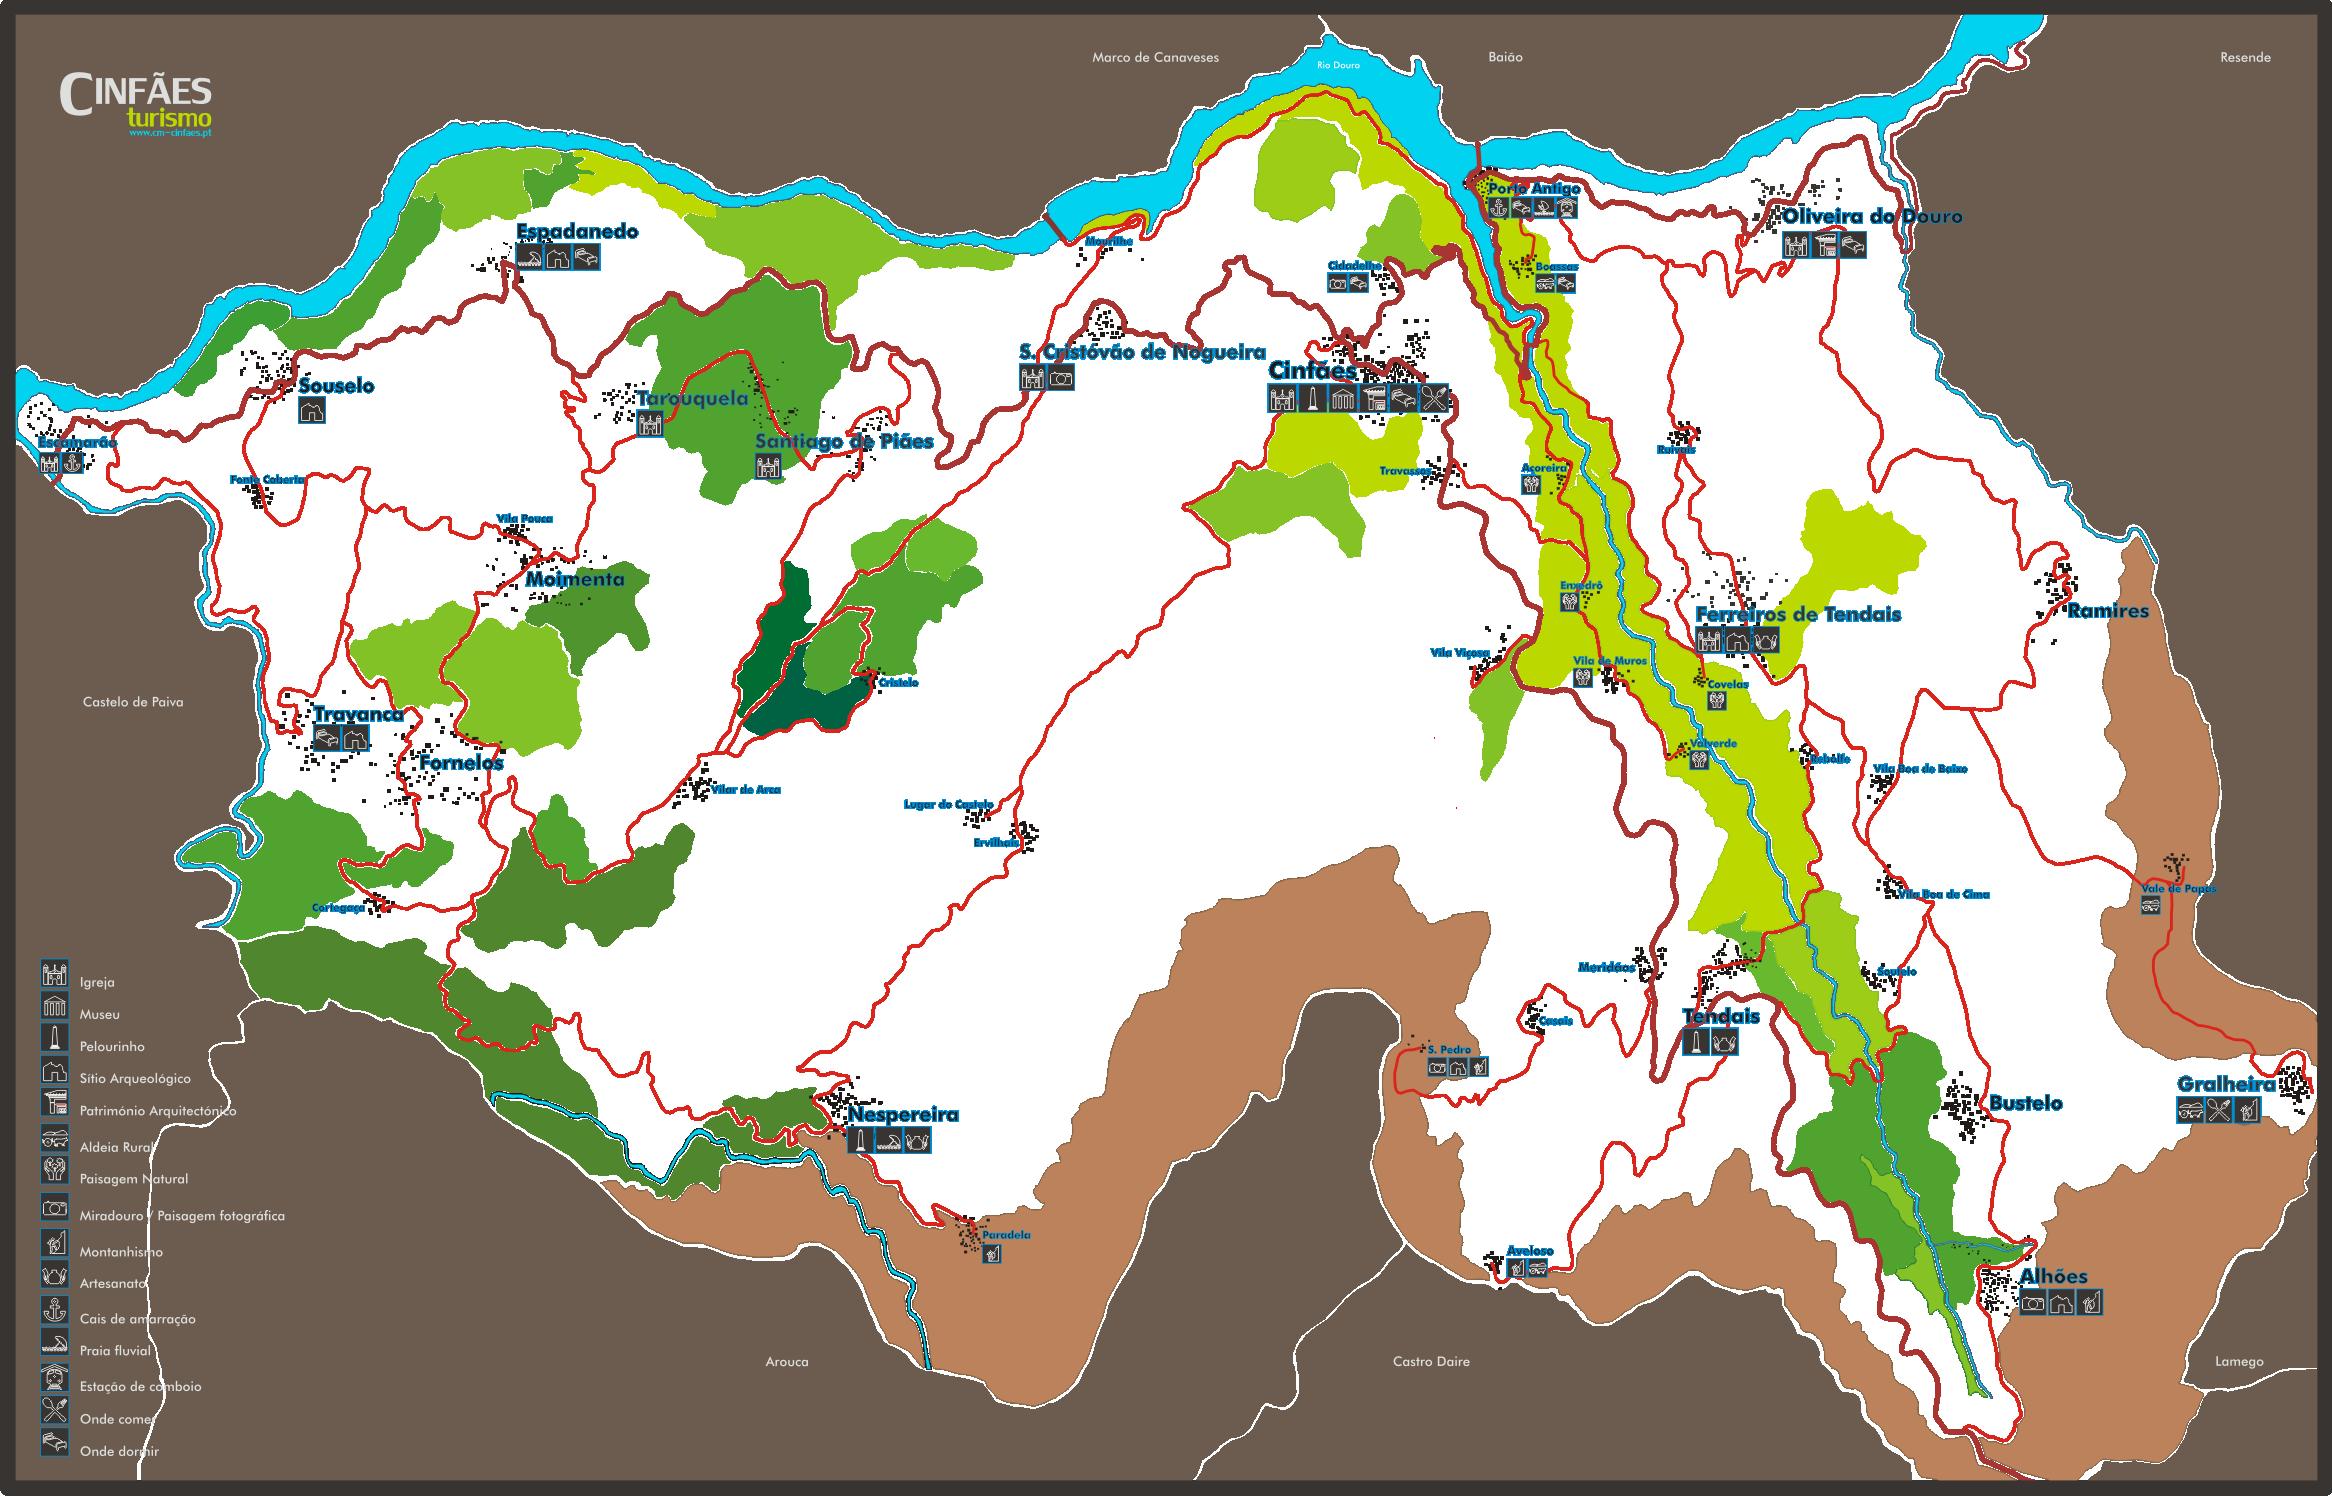 mapa de cinfaes Ficheiro:Mapa Cinfães.png – Wikipédia, a enciclopédia livre mapa de cinfaes